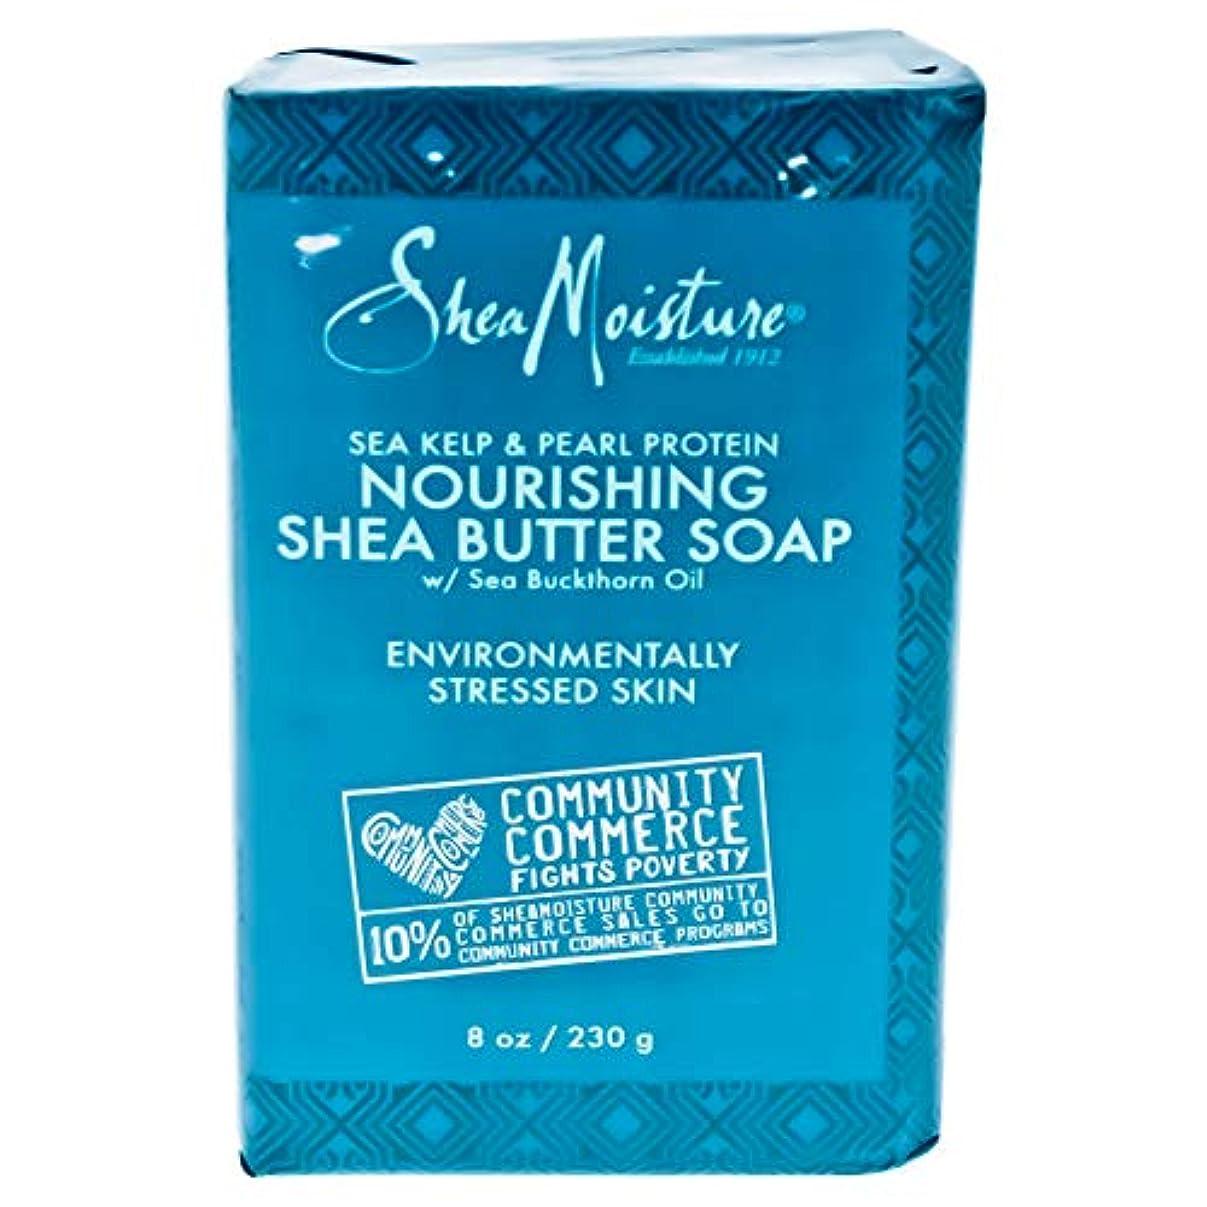 ソフィー遺伝的コンドームShea Moisture U-BB-2719 Sea Kelp & Pearl Protein Nourishing Shea Butter Soap for Unisex - 8 oz